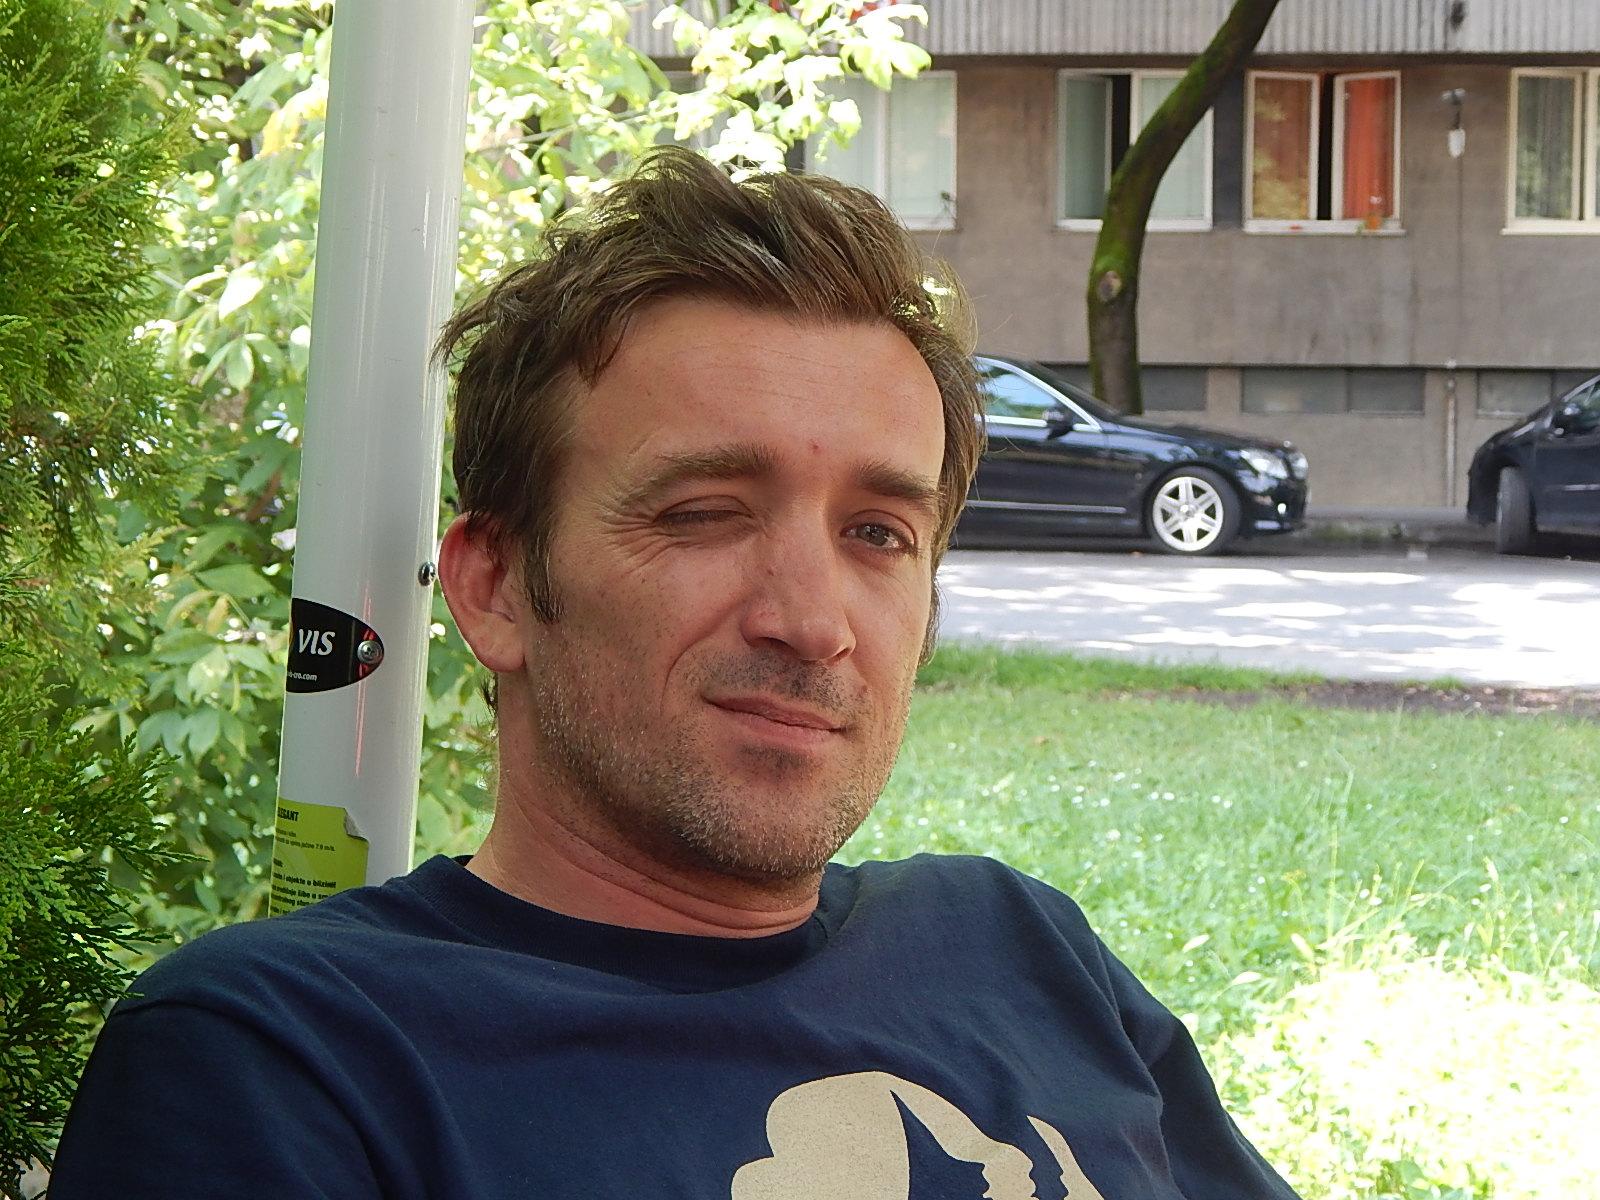 Slikar i konceptualni umjetnik Nikola Vukmanić. Foto: Marin Bakić